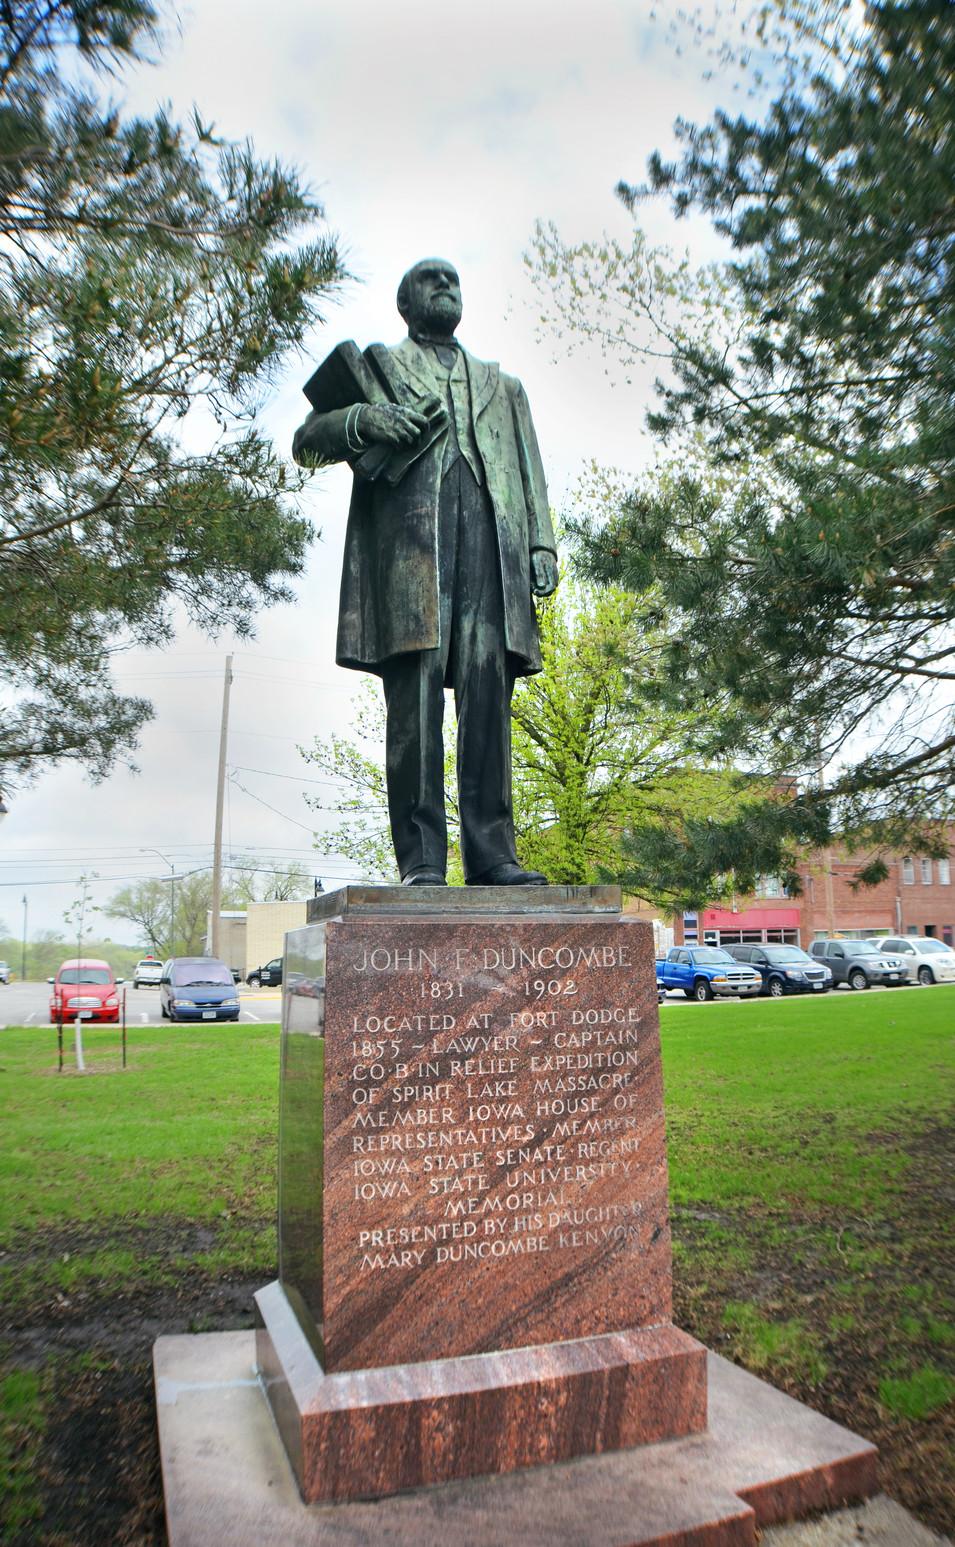 John F. Duncombe (1831-1902) Memorial